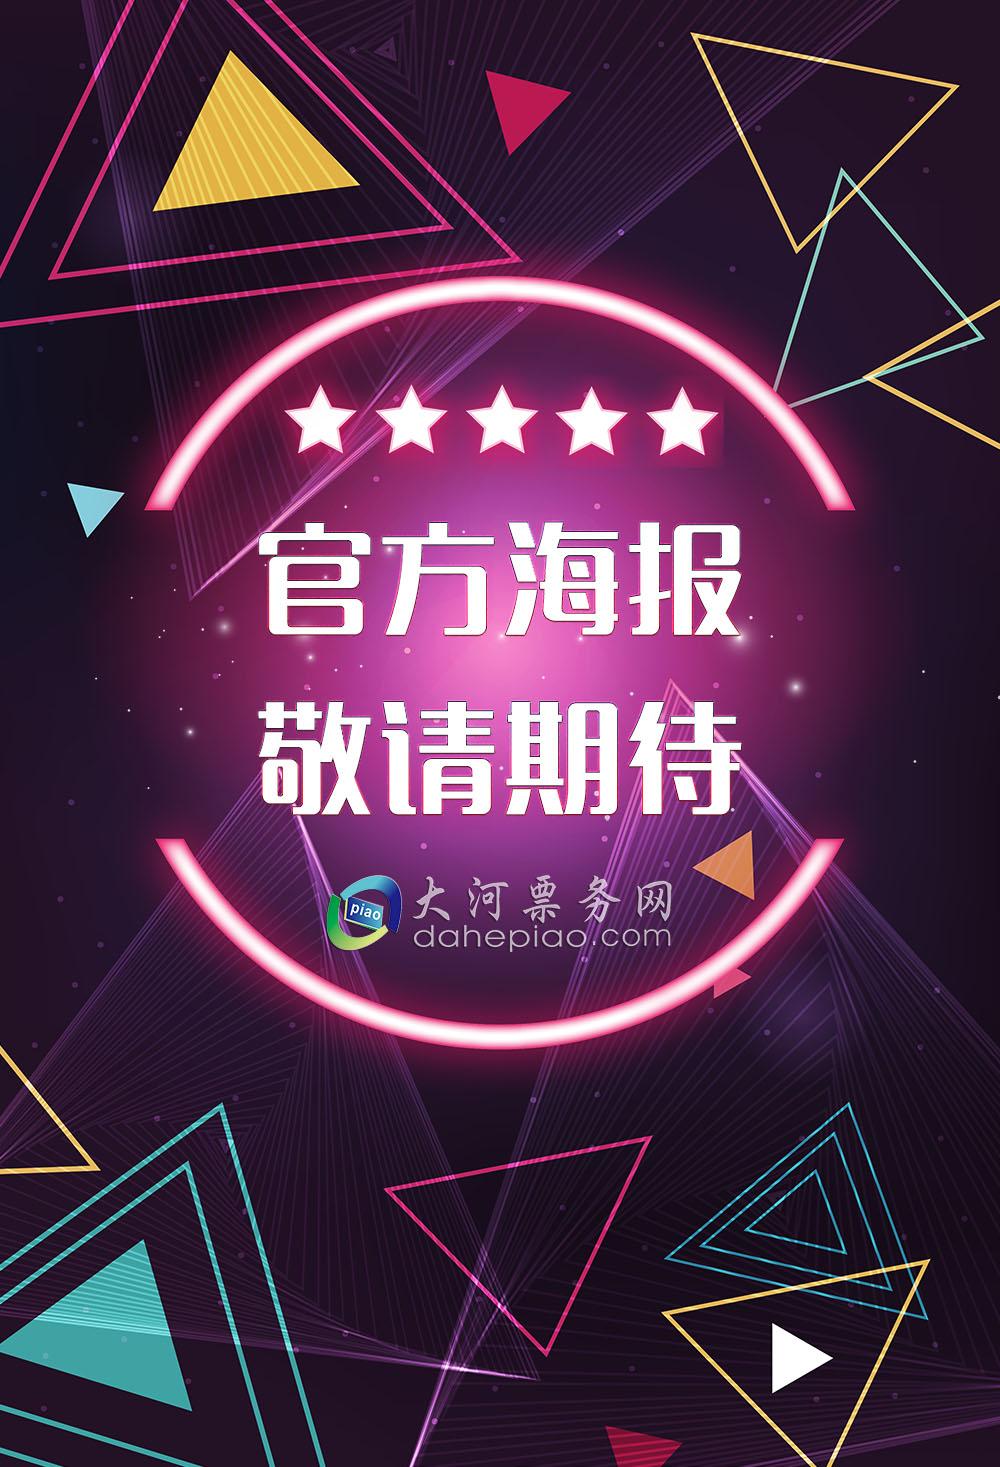 上海彩鹭音乐节